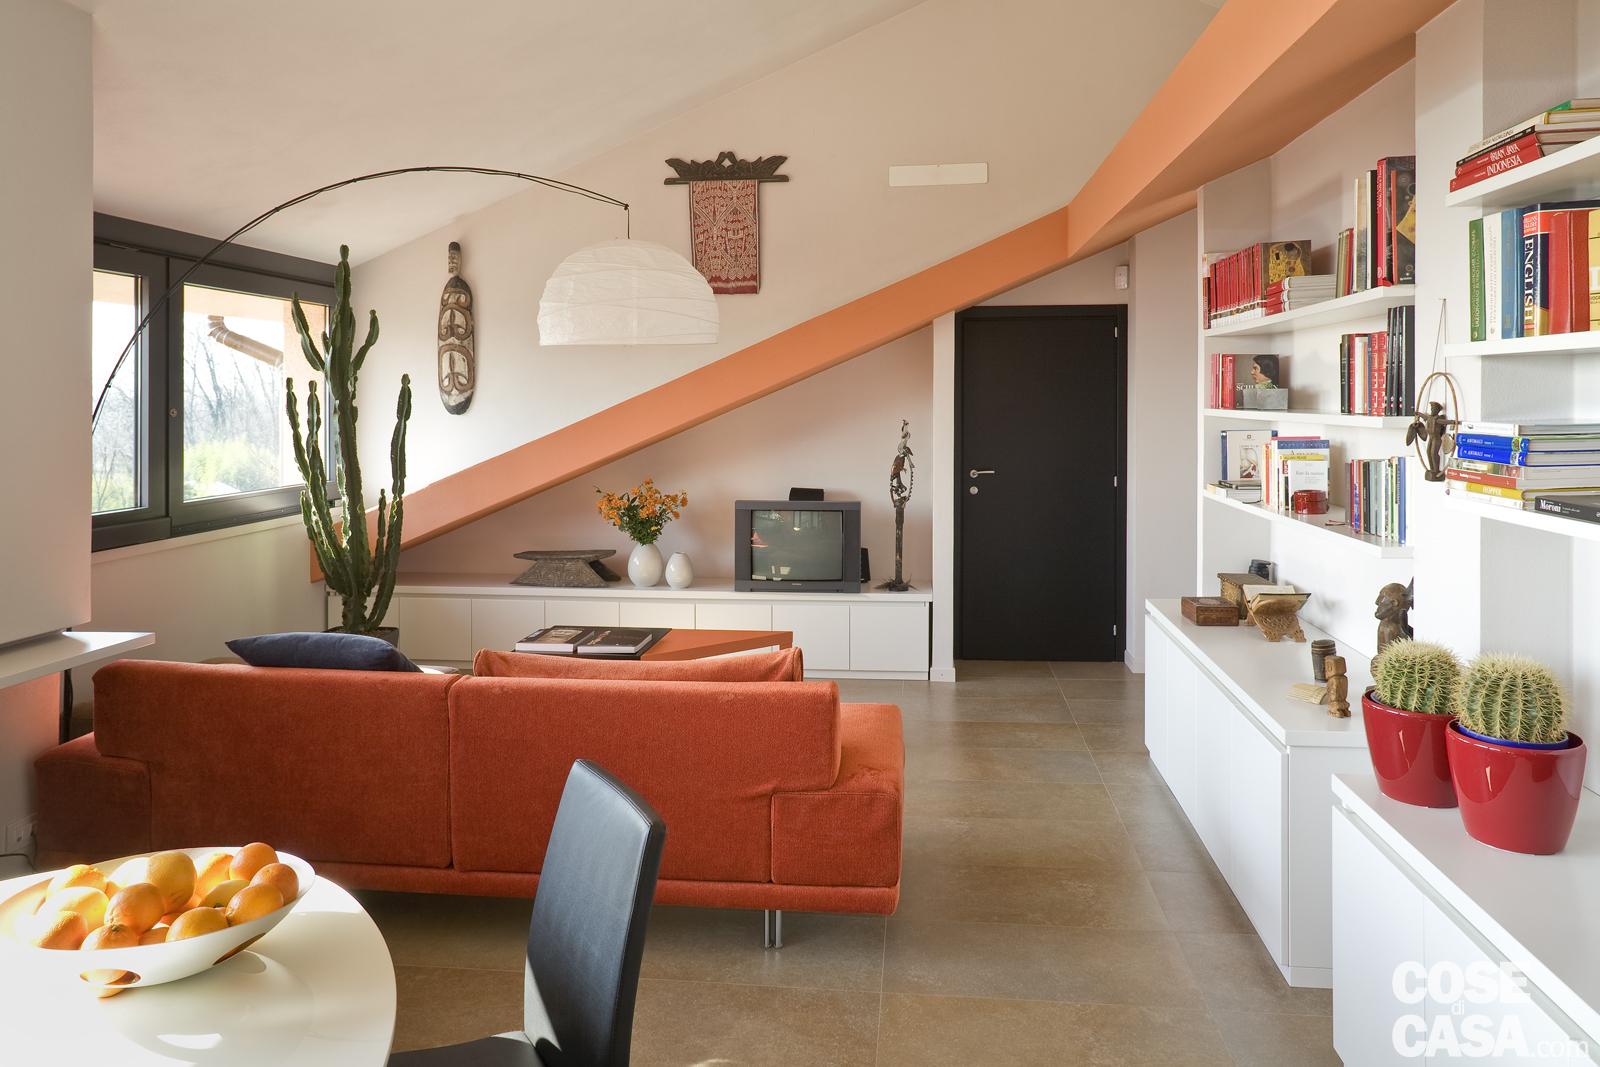 Lampade Soffitto Per Mansarde mansarda, istruzioni per l'uso: arredare ottimizzando gli spazi